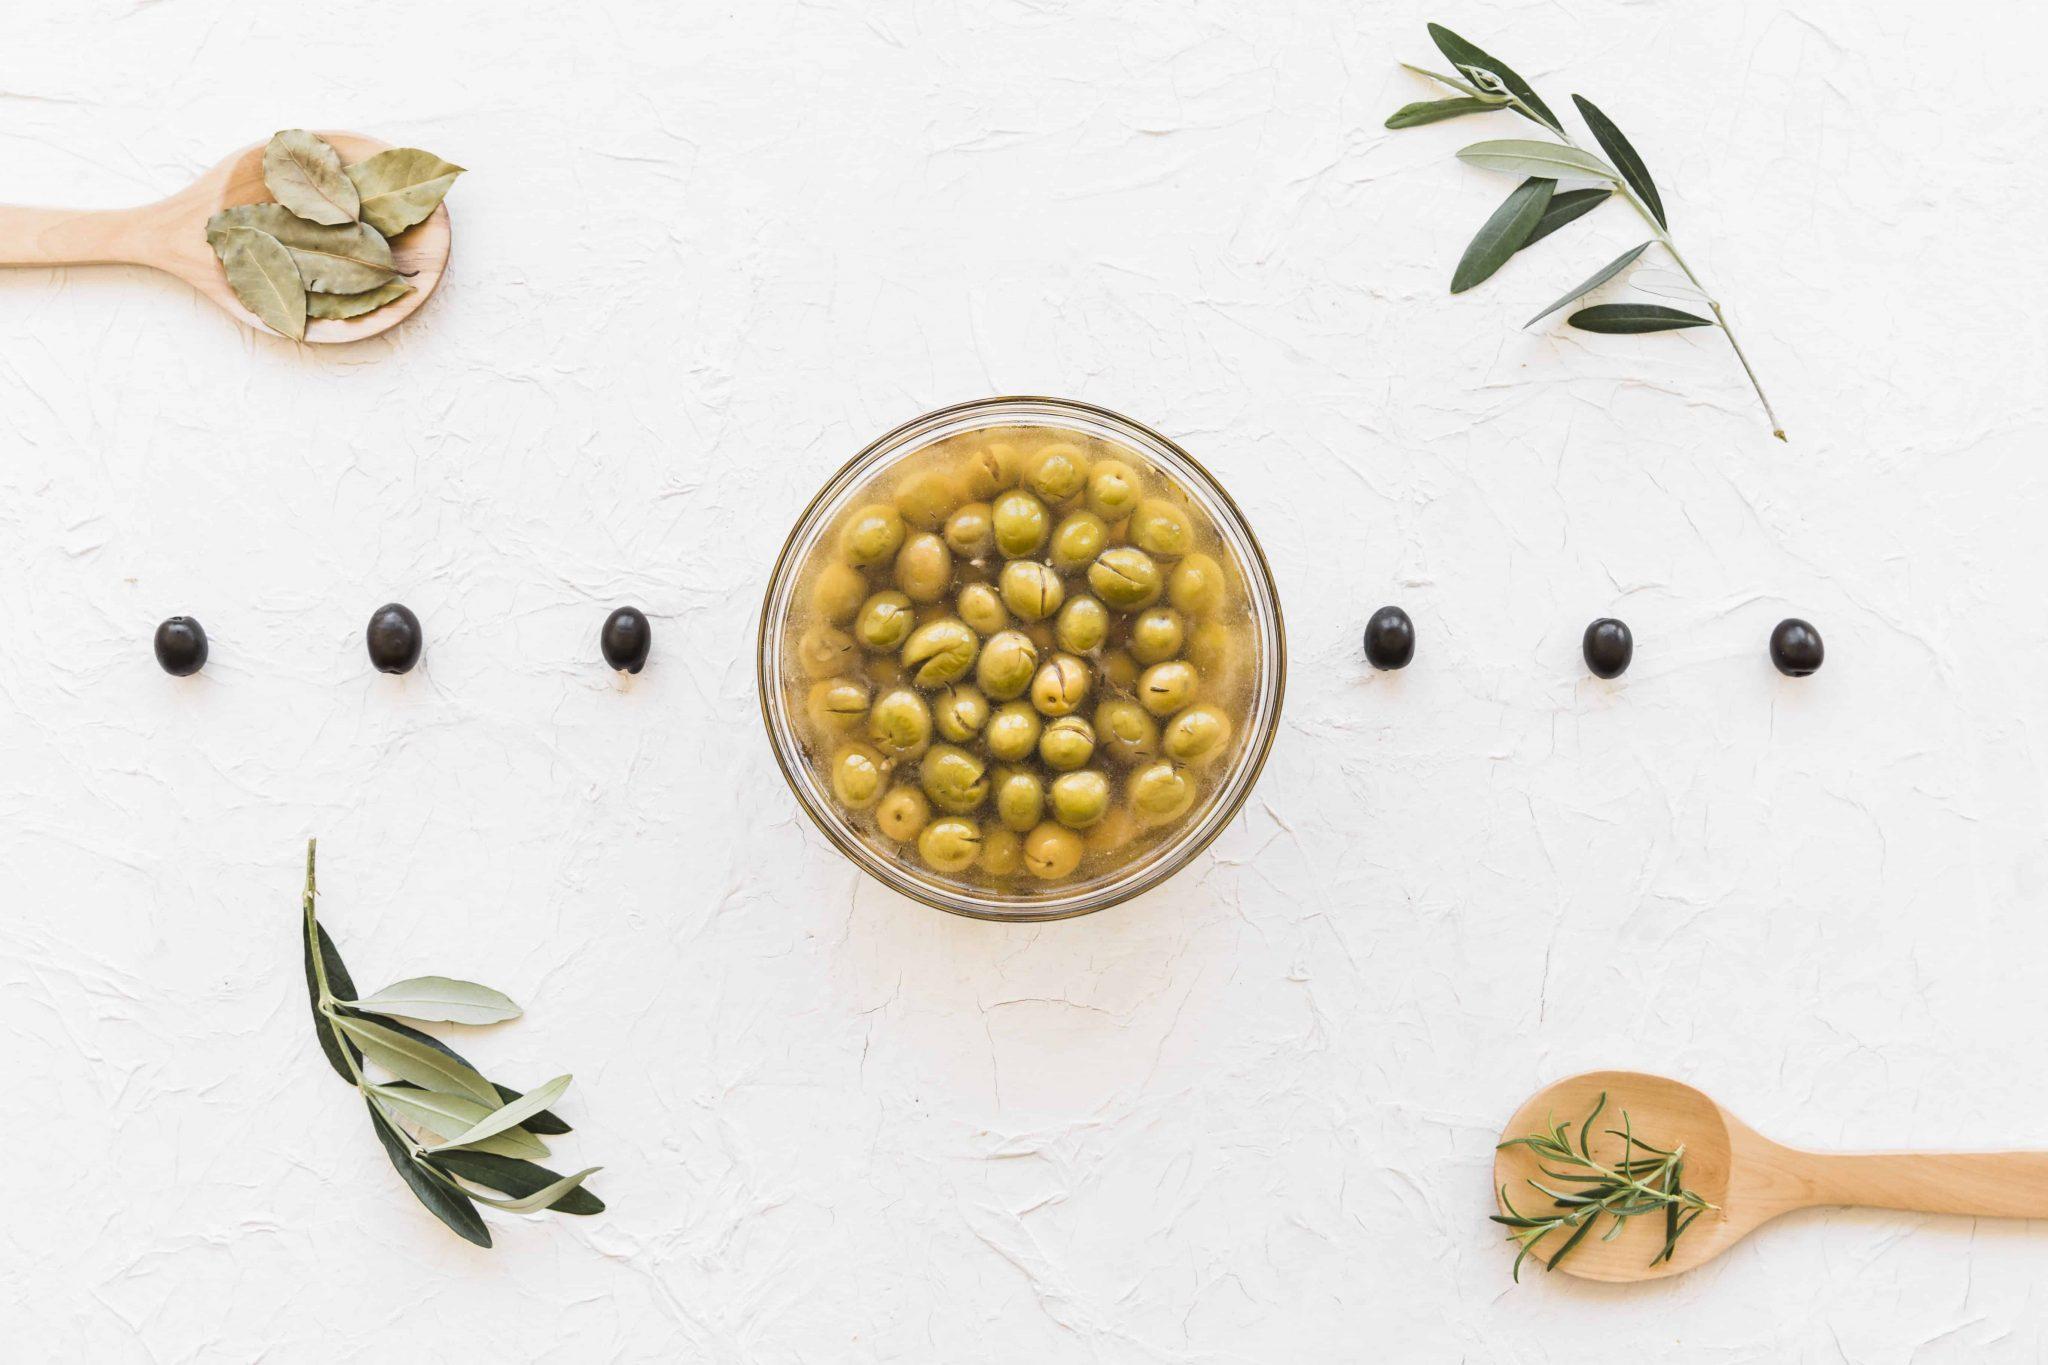 zeytinyağının faydaları, sağlıklı beslenme, uzun yaşam